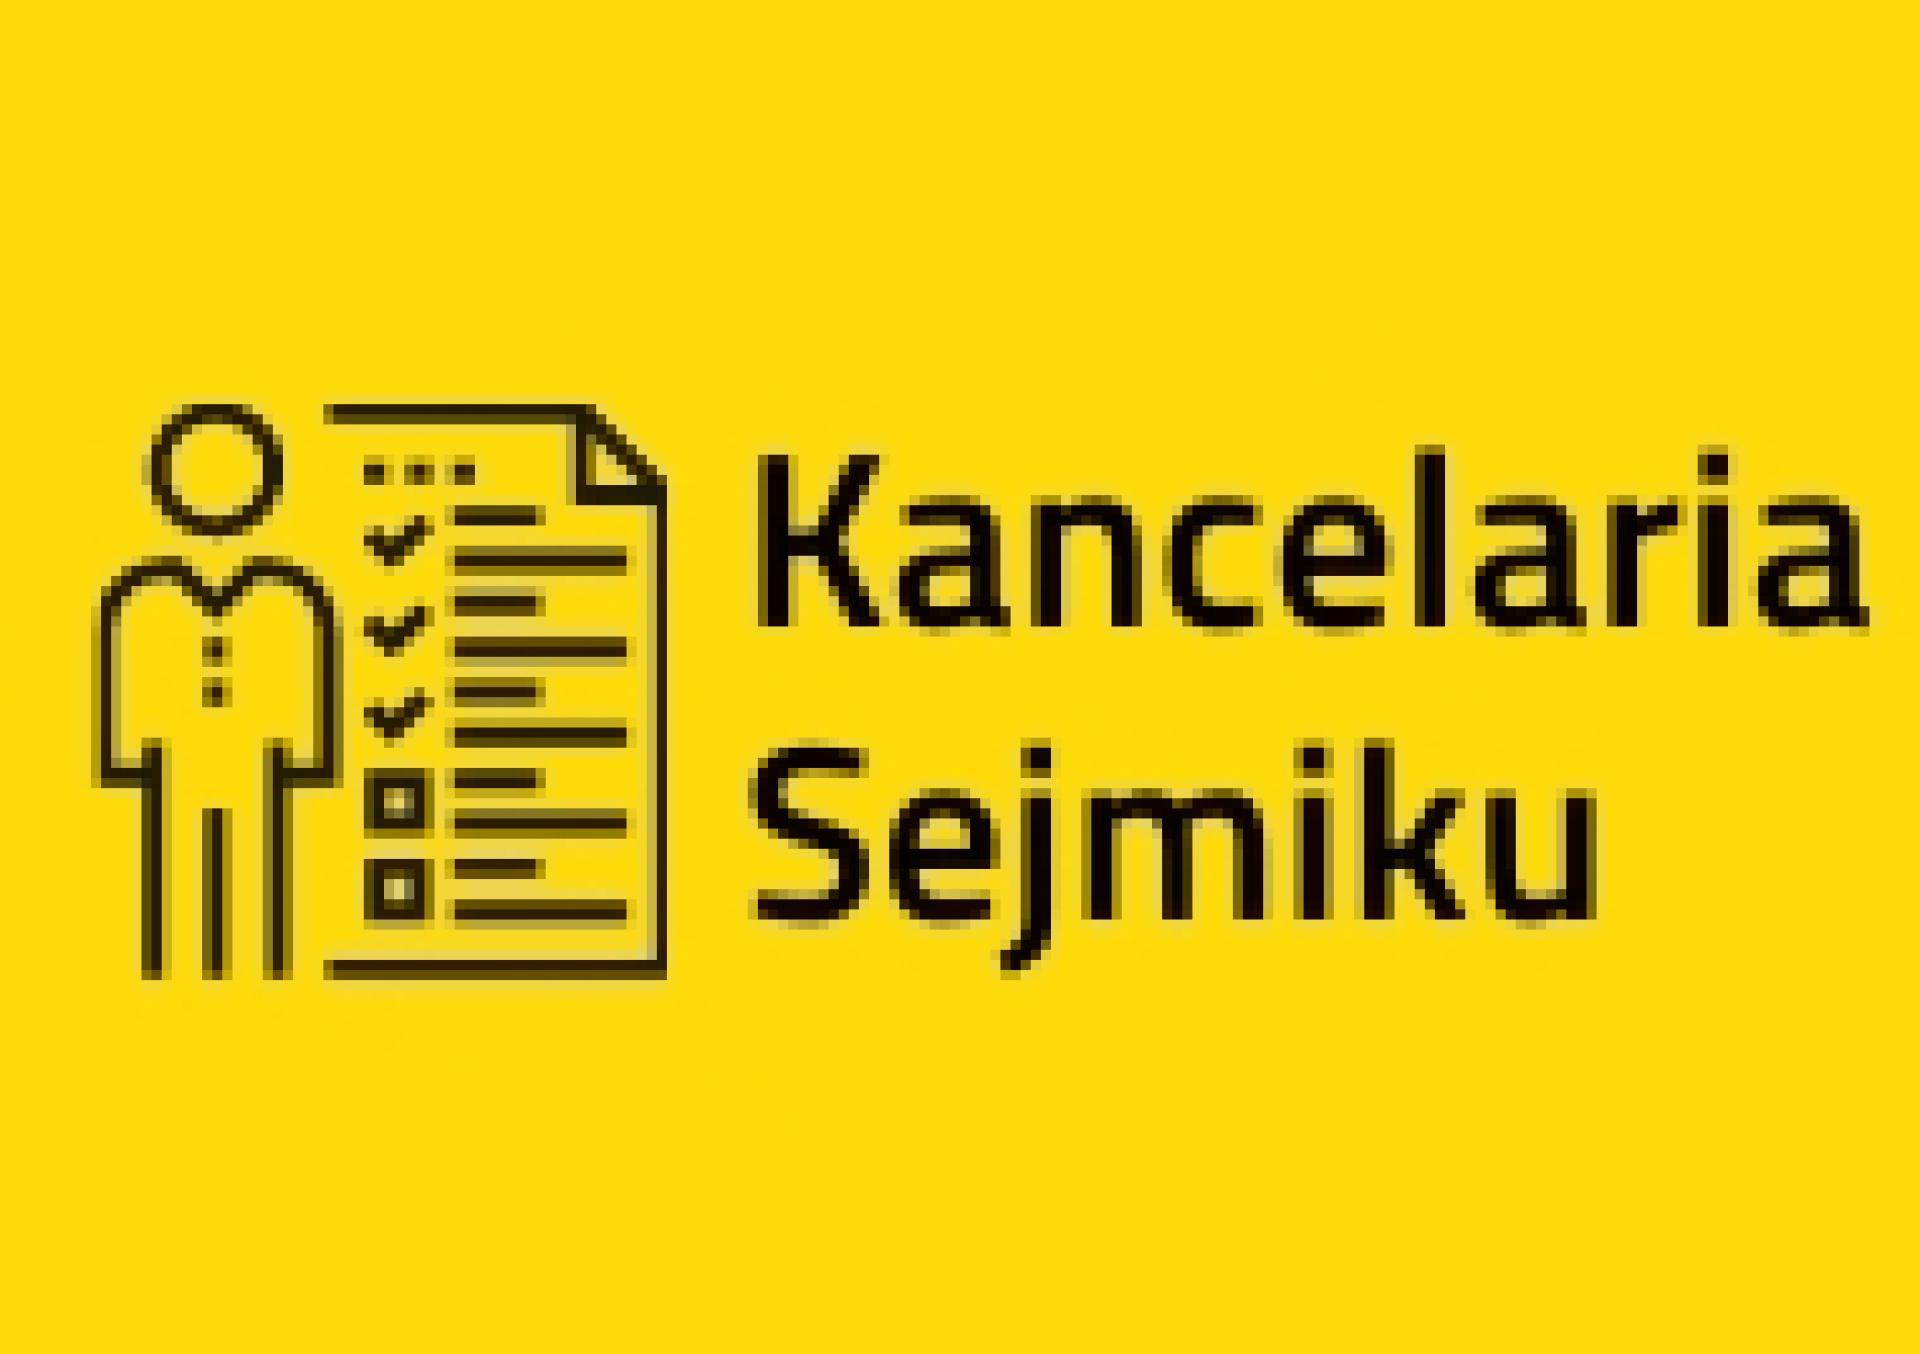 Zakończenie konsultacji projektu uchwały Sejmiku w sprawie występowania mieszkańców województwa wielkopolskiego z obywatelską inicjatywą uchwałodawczą - zobacz więcej